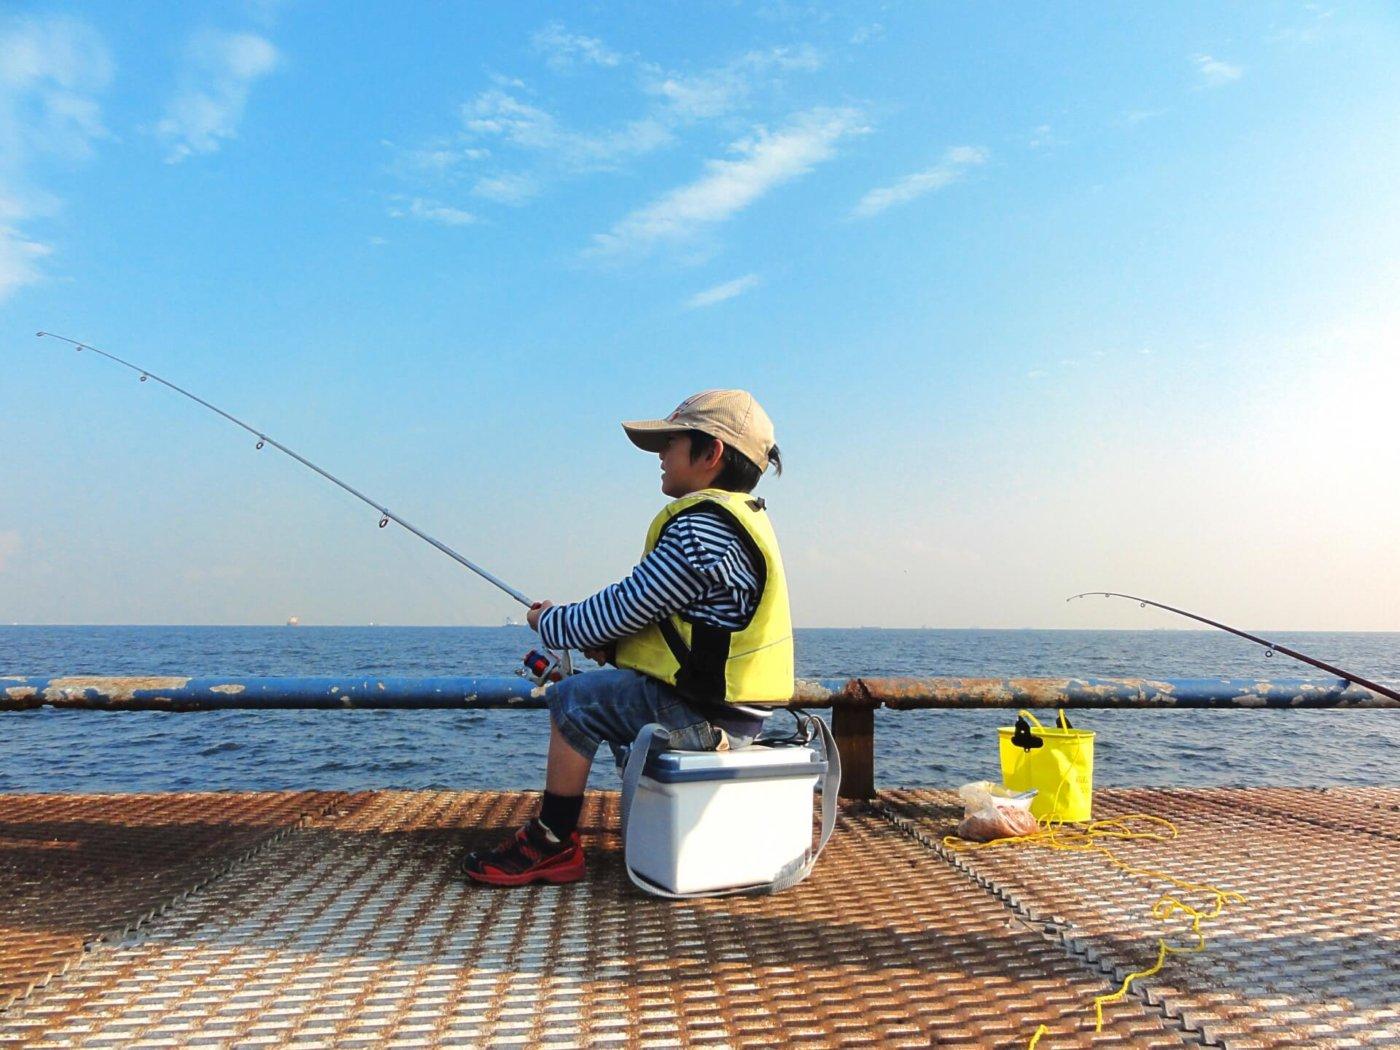 「釣り」の画像検索結果